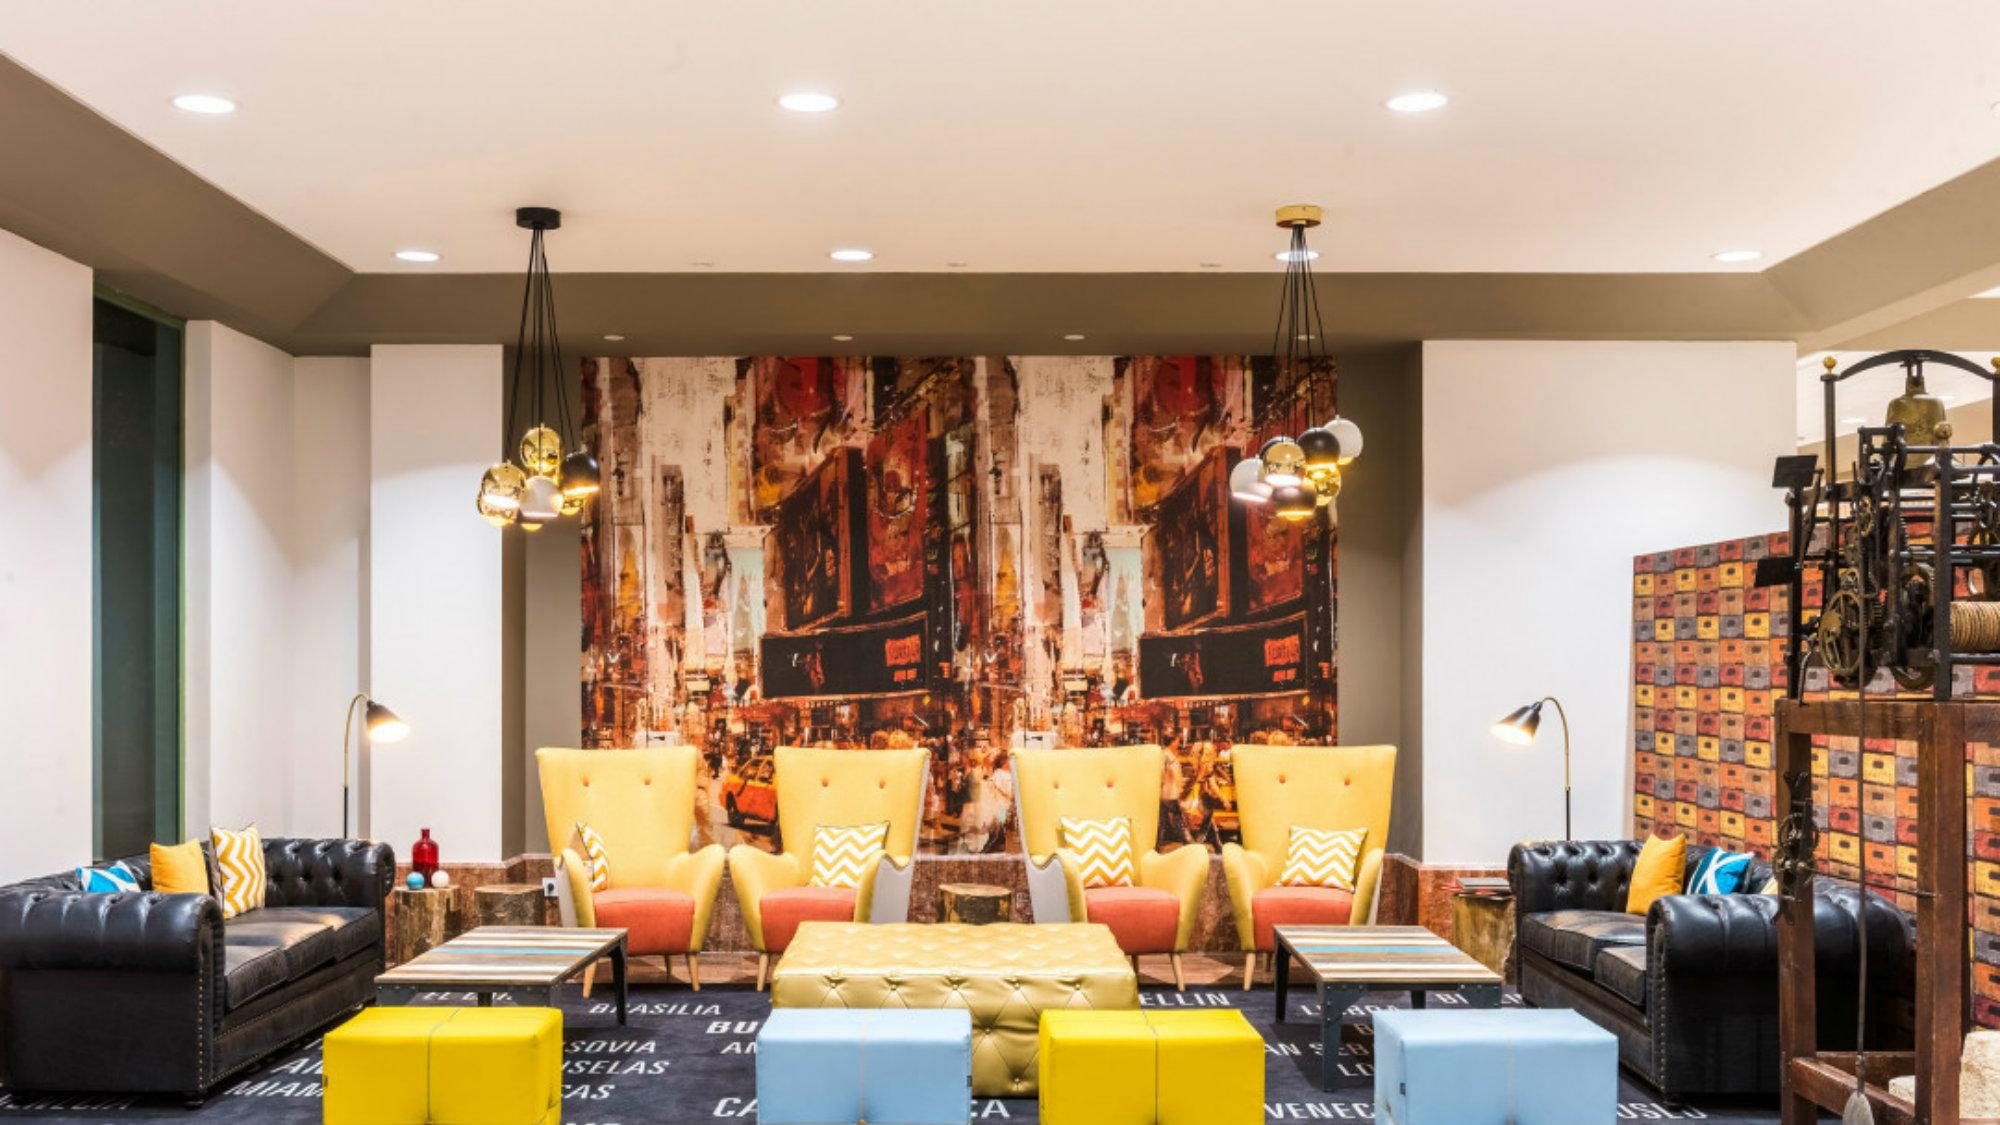 Hoteles Lujuosos: Room 1804 crea proyectos elegantes desde Madrid hoteles lujuosos Hoteles Lujuosos: Room 1804 crea proyectos elegantes desde Madrid Featured 7